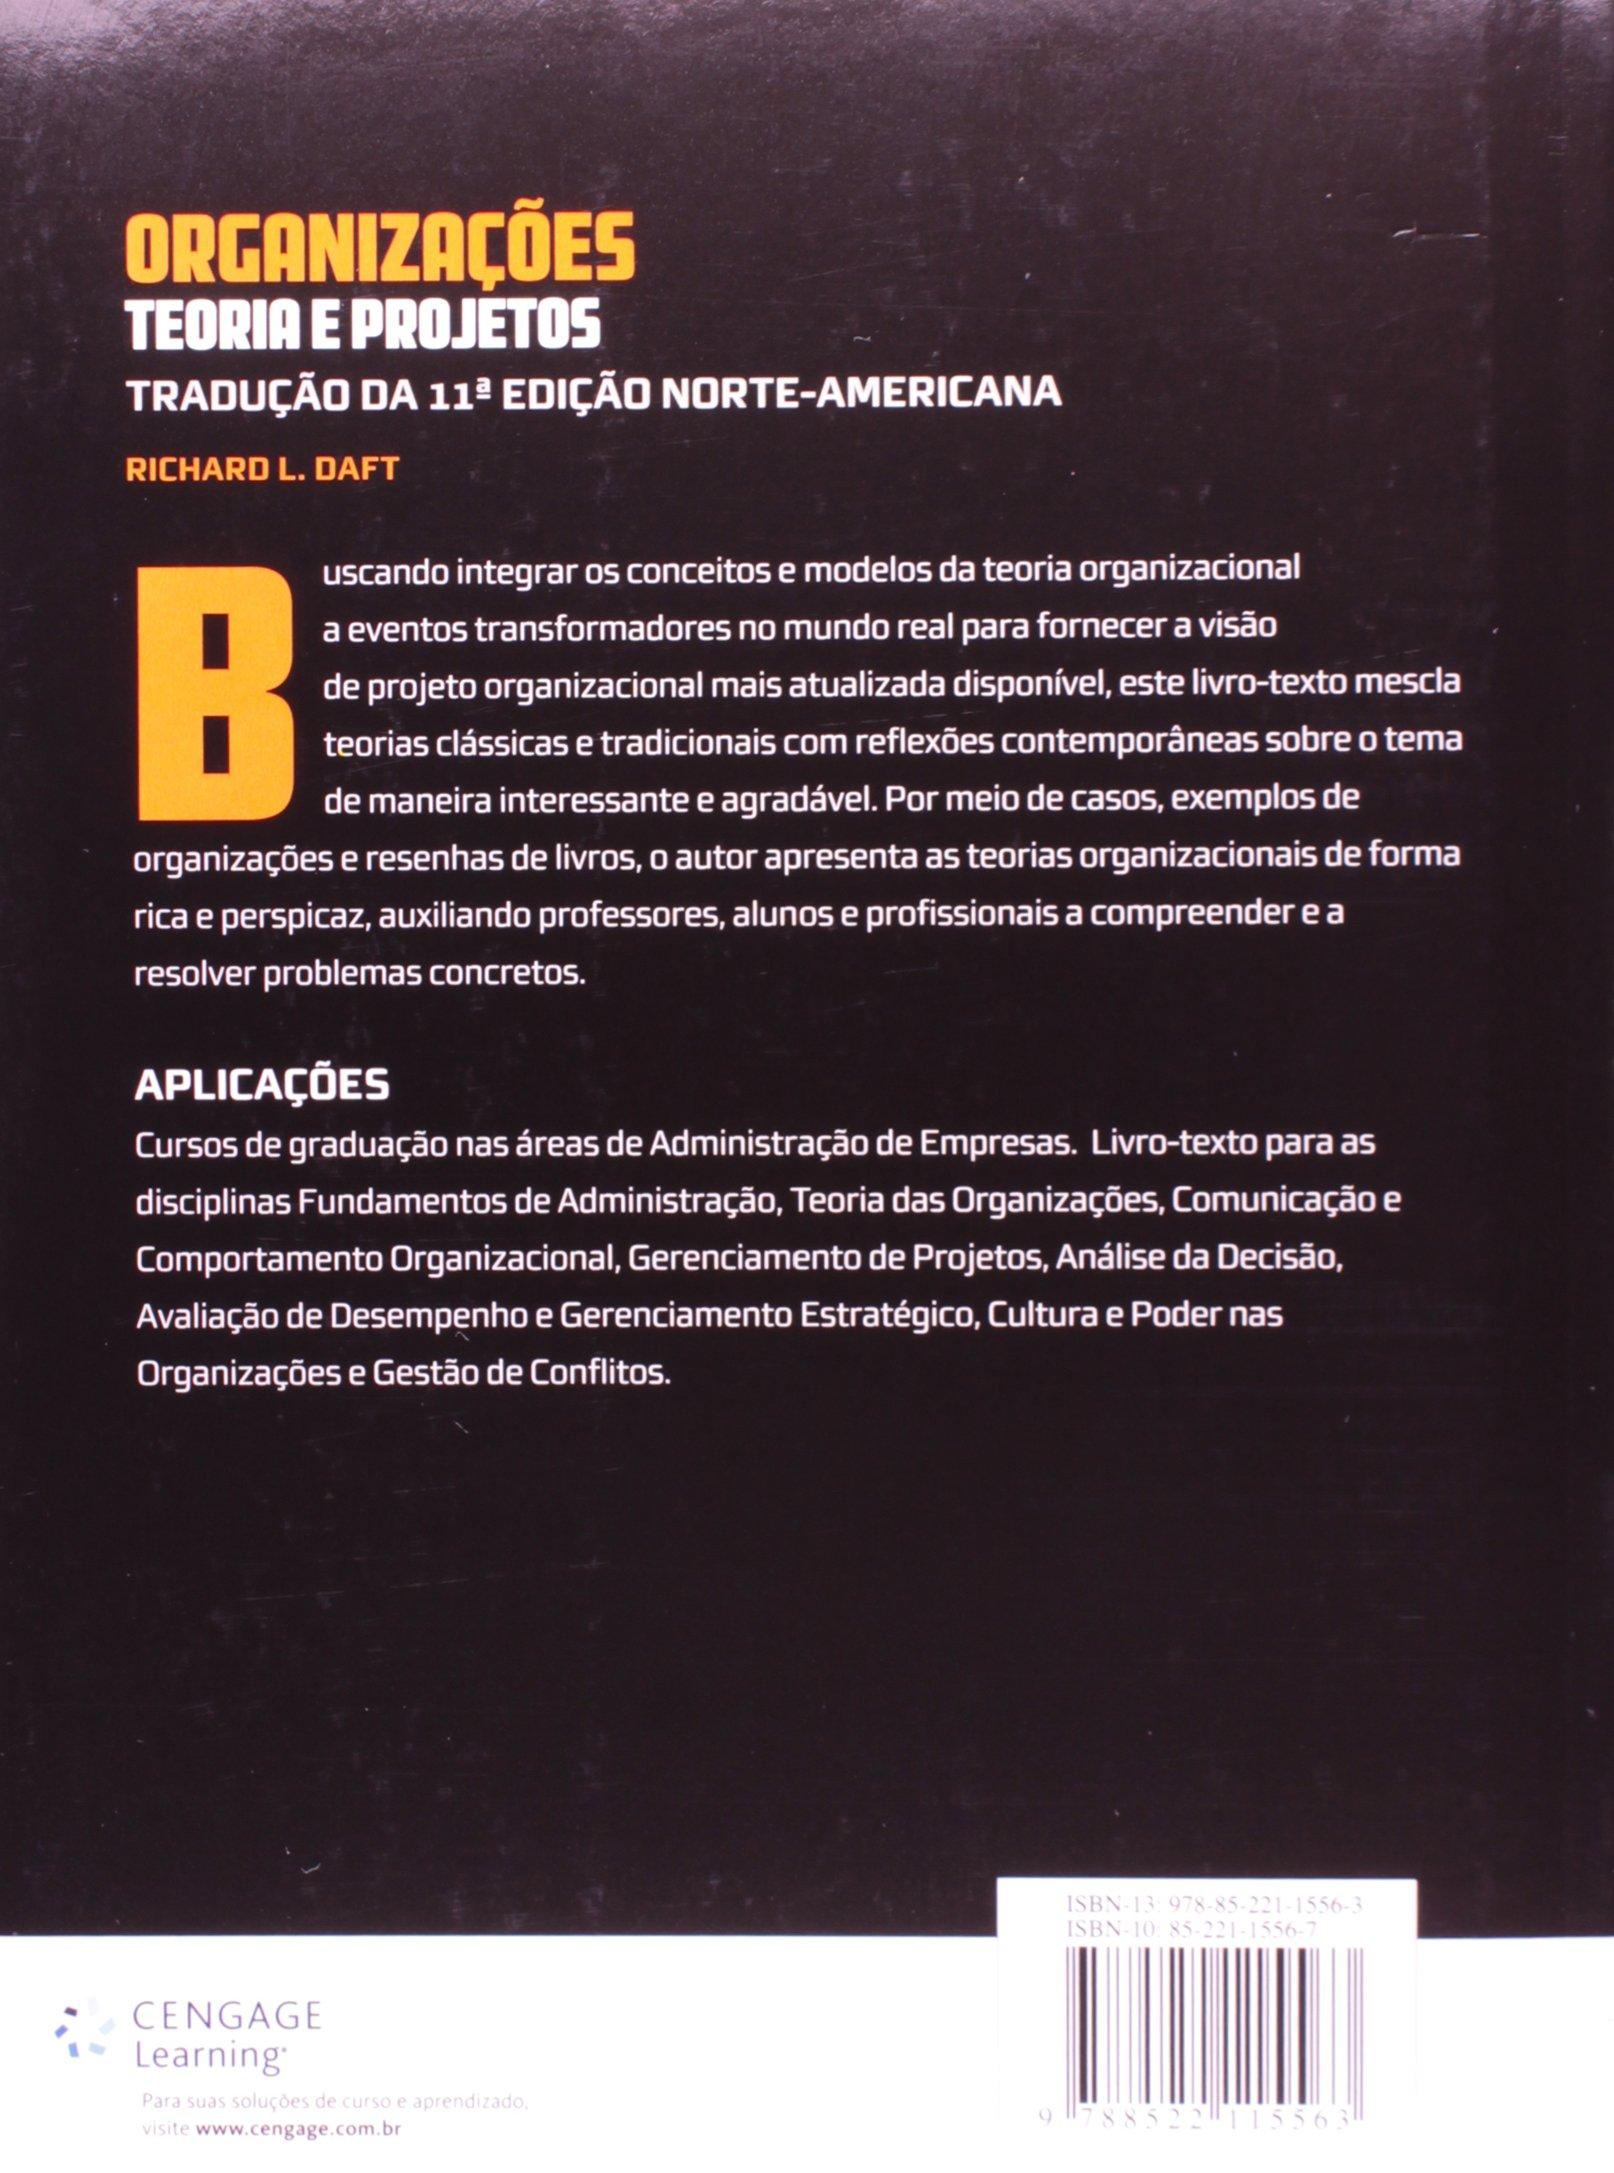 Organizaes teoria e projetos 9788522115563 livros na amazon teoria e projetos 9788522115563 livros na amazon brasil fandeluxe Image collections